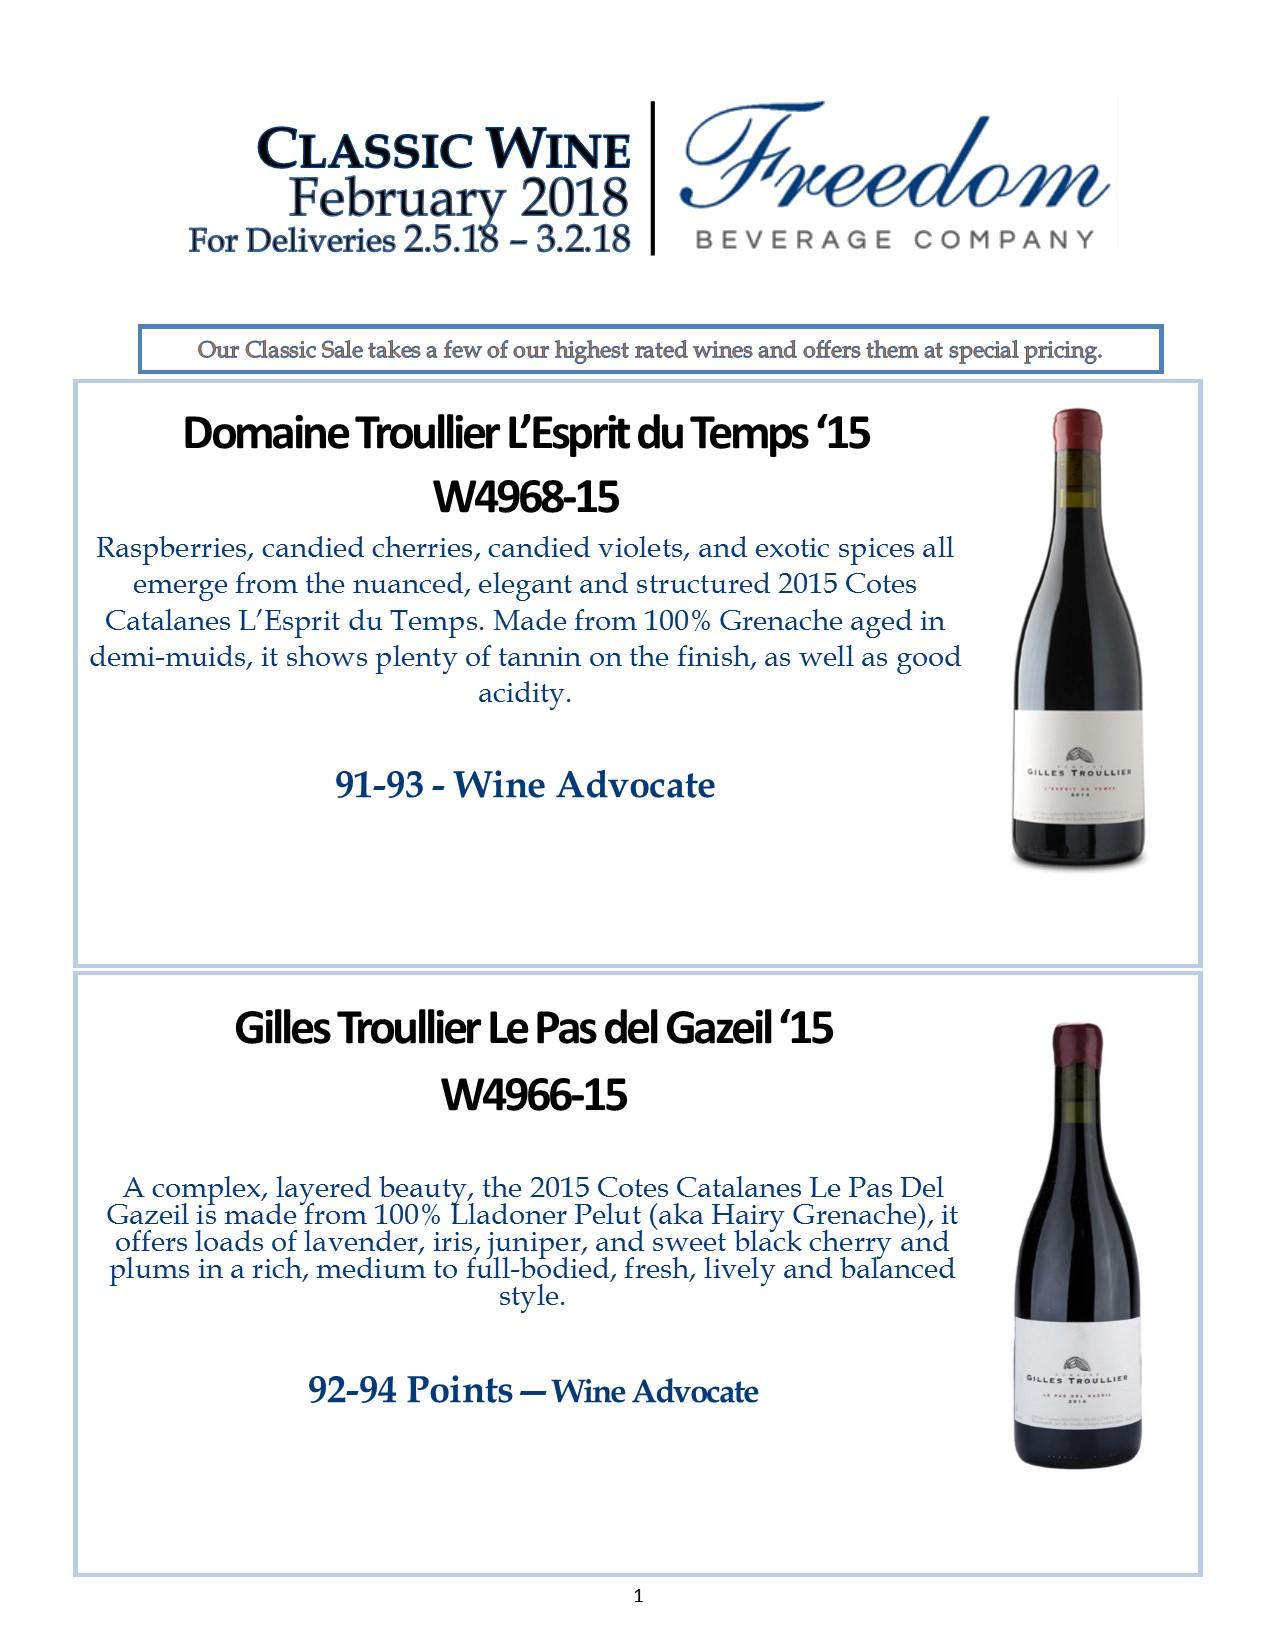 February 2018 Classic Wine Sale.jpg